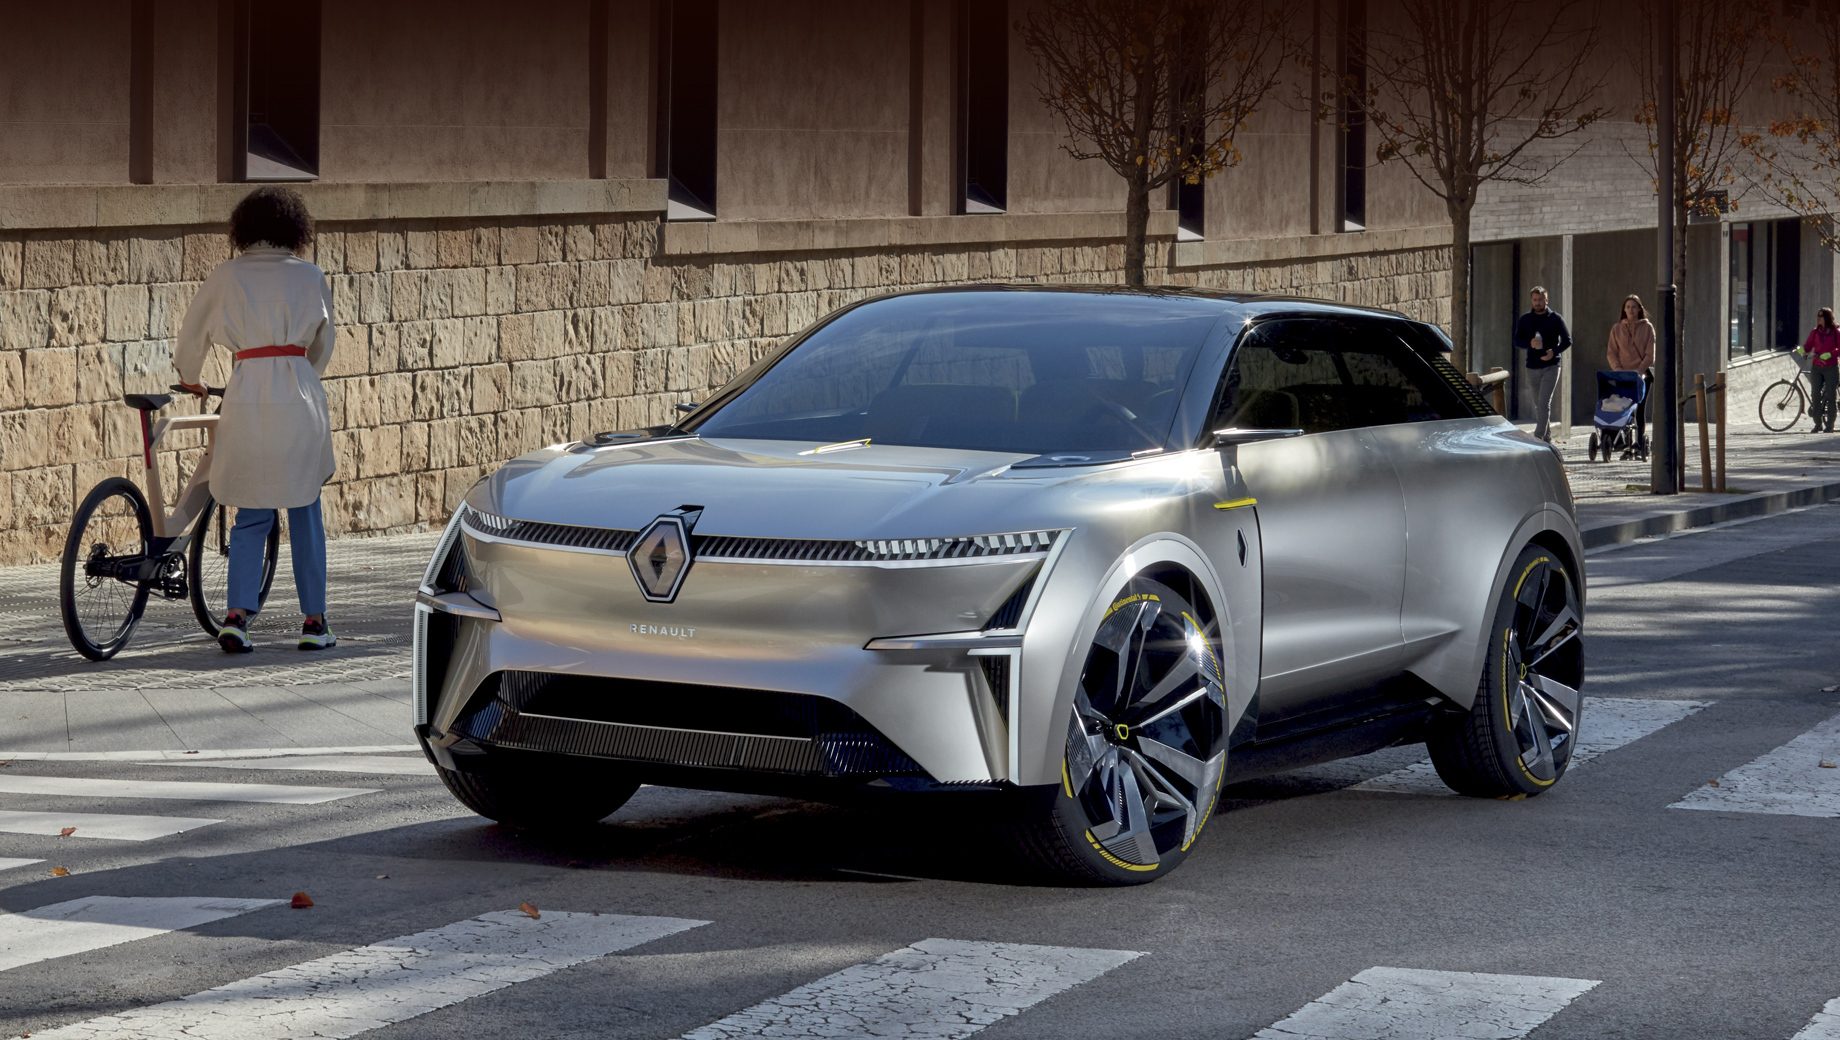 Электрический кроссовер Renault дебютирует на онлайн-шоу eWays